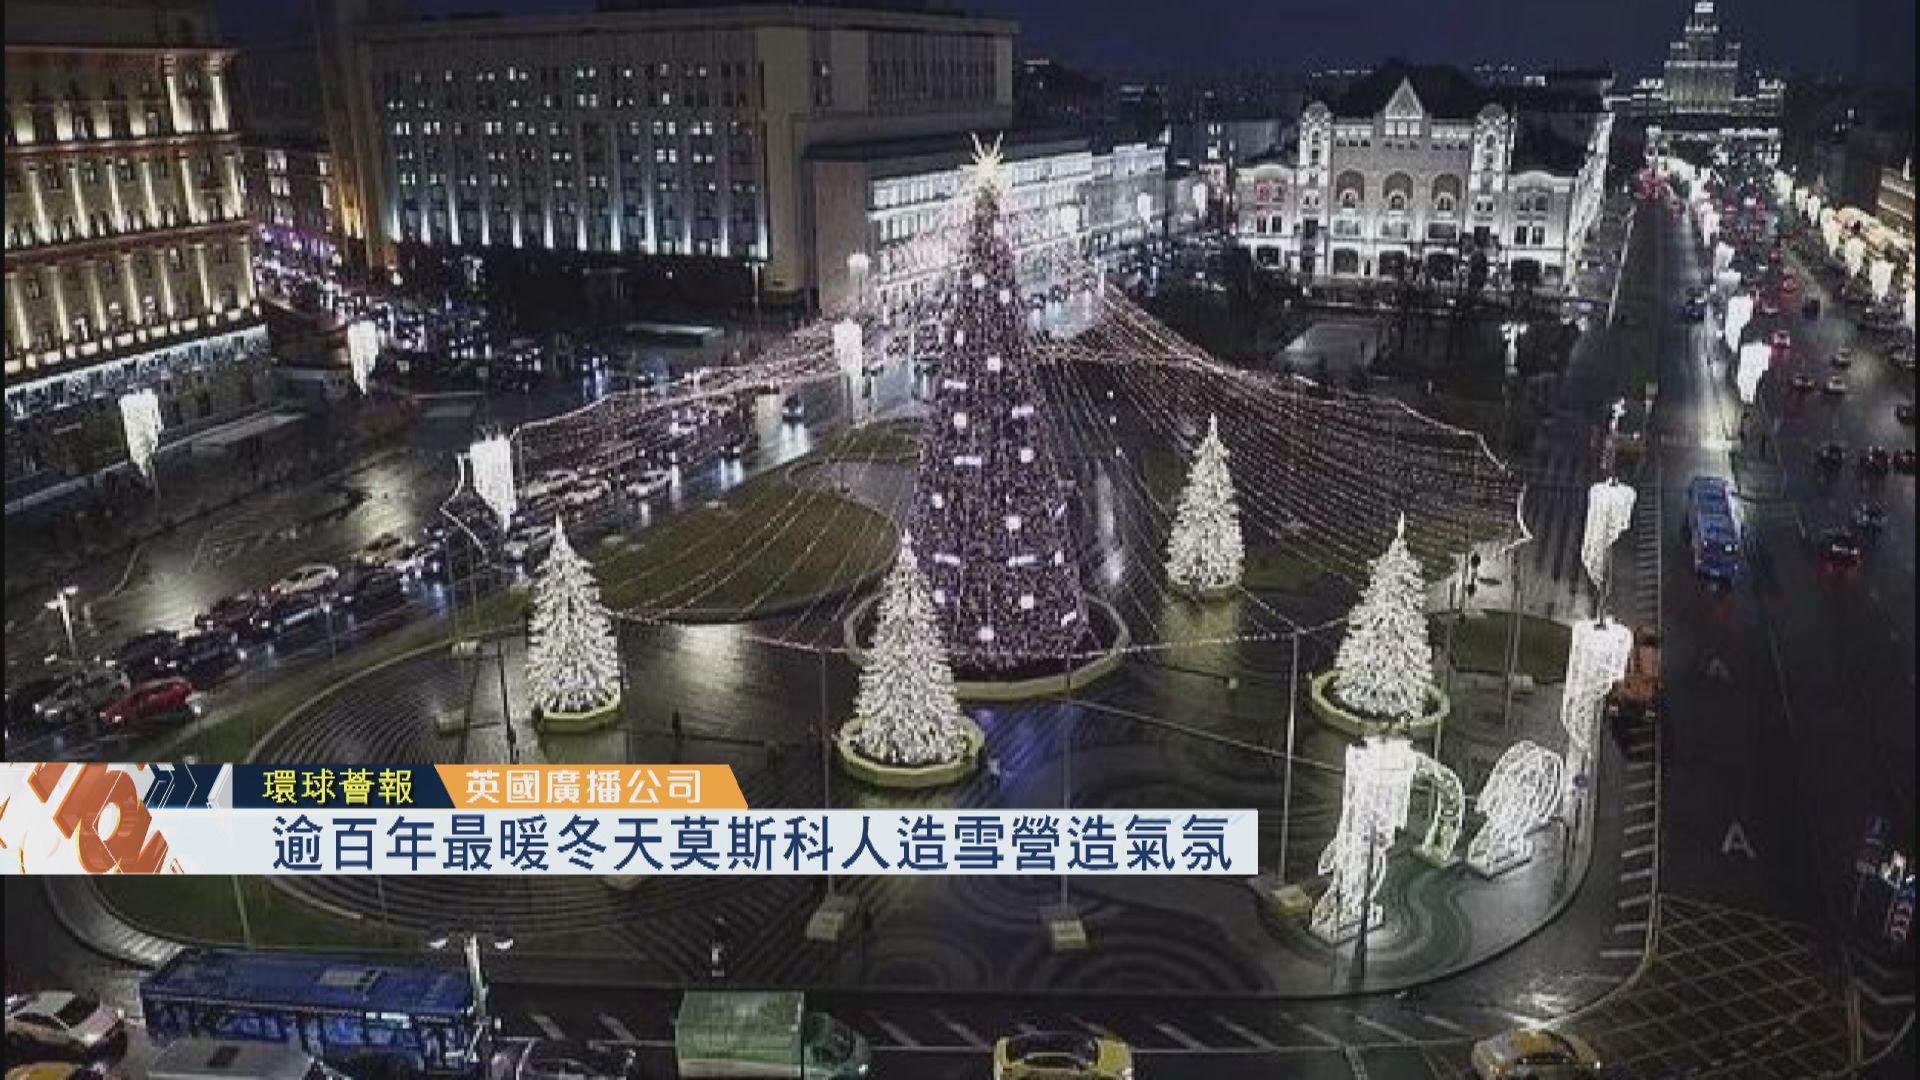 【環球薈報】逾百年最暖冬天 莫斯科人造雪營造氣氛